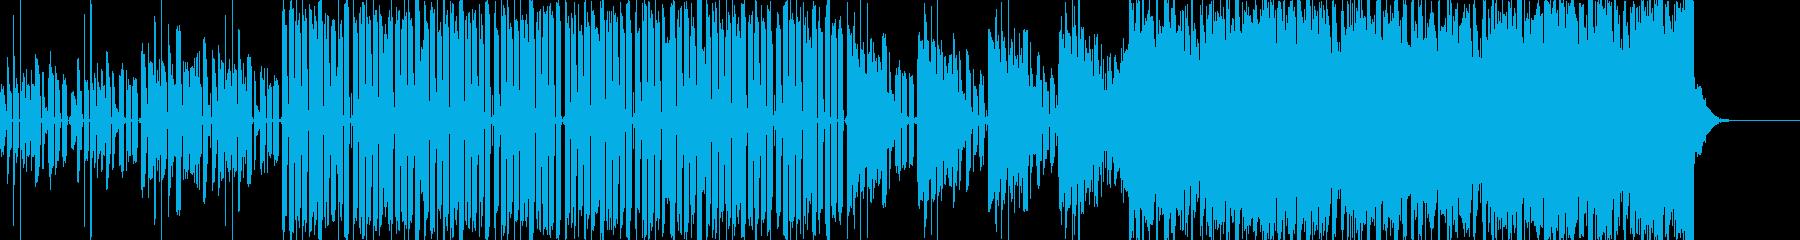 様々な音が入り乱れるテクノ系BGMの再生済みの波形